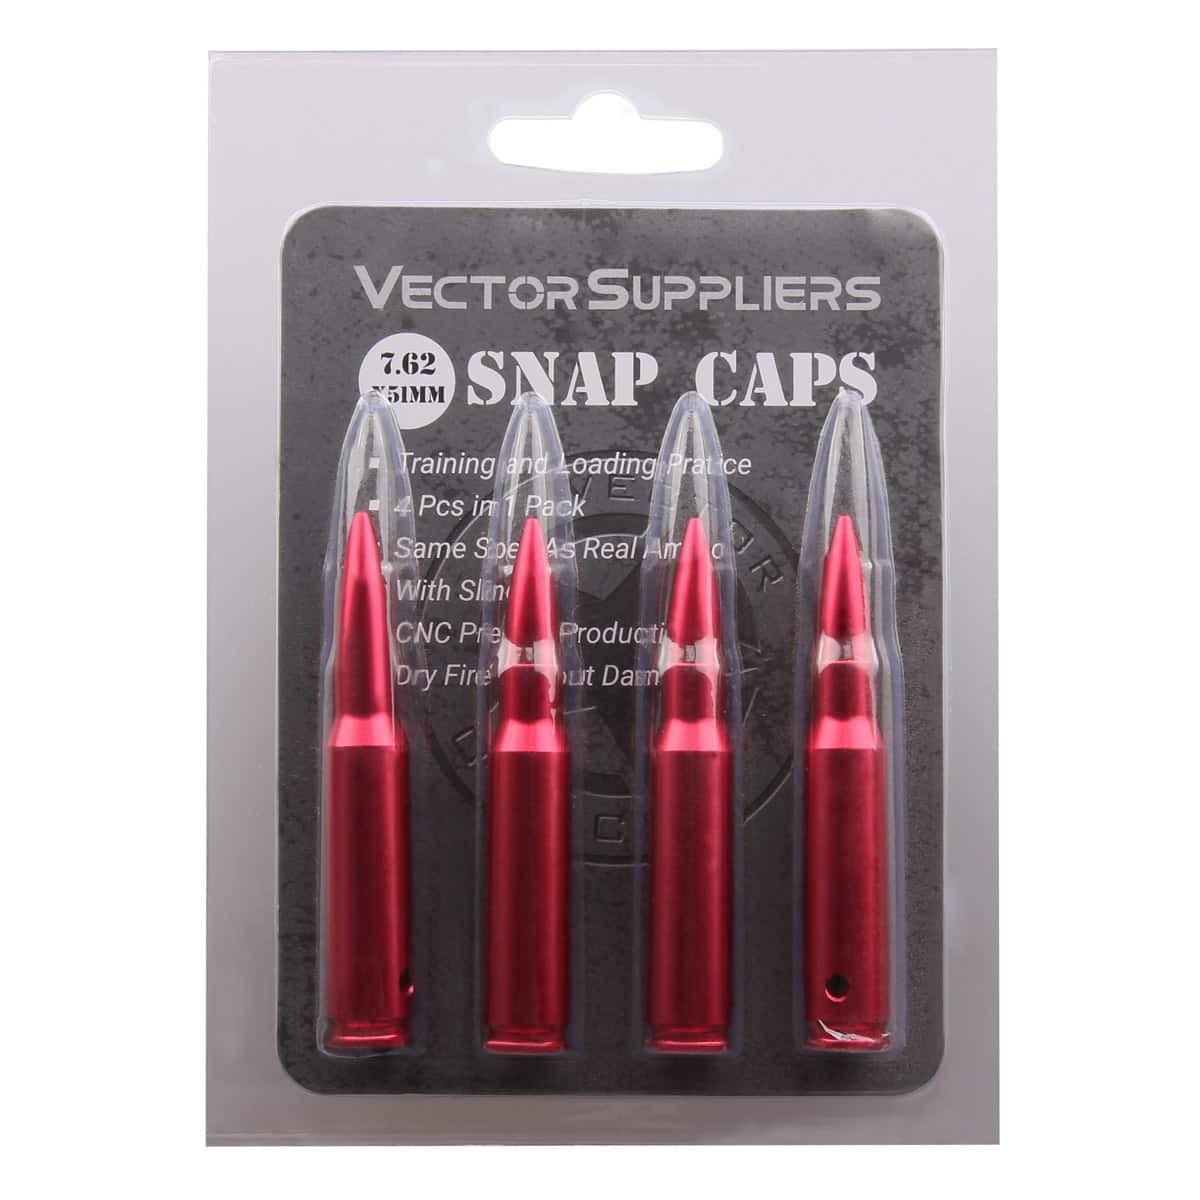 7.62x51mm Snap Caps